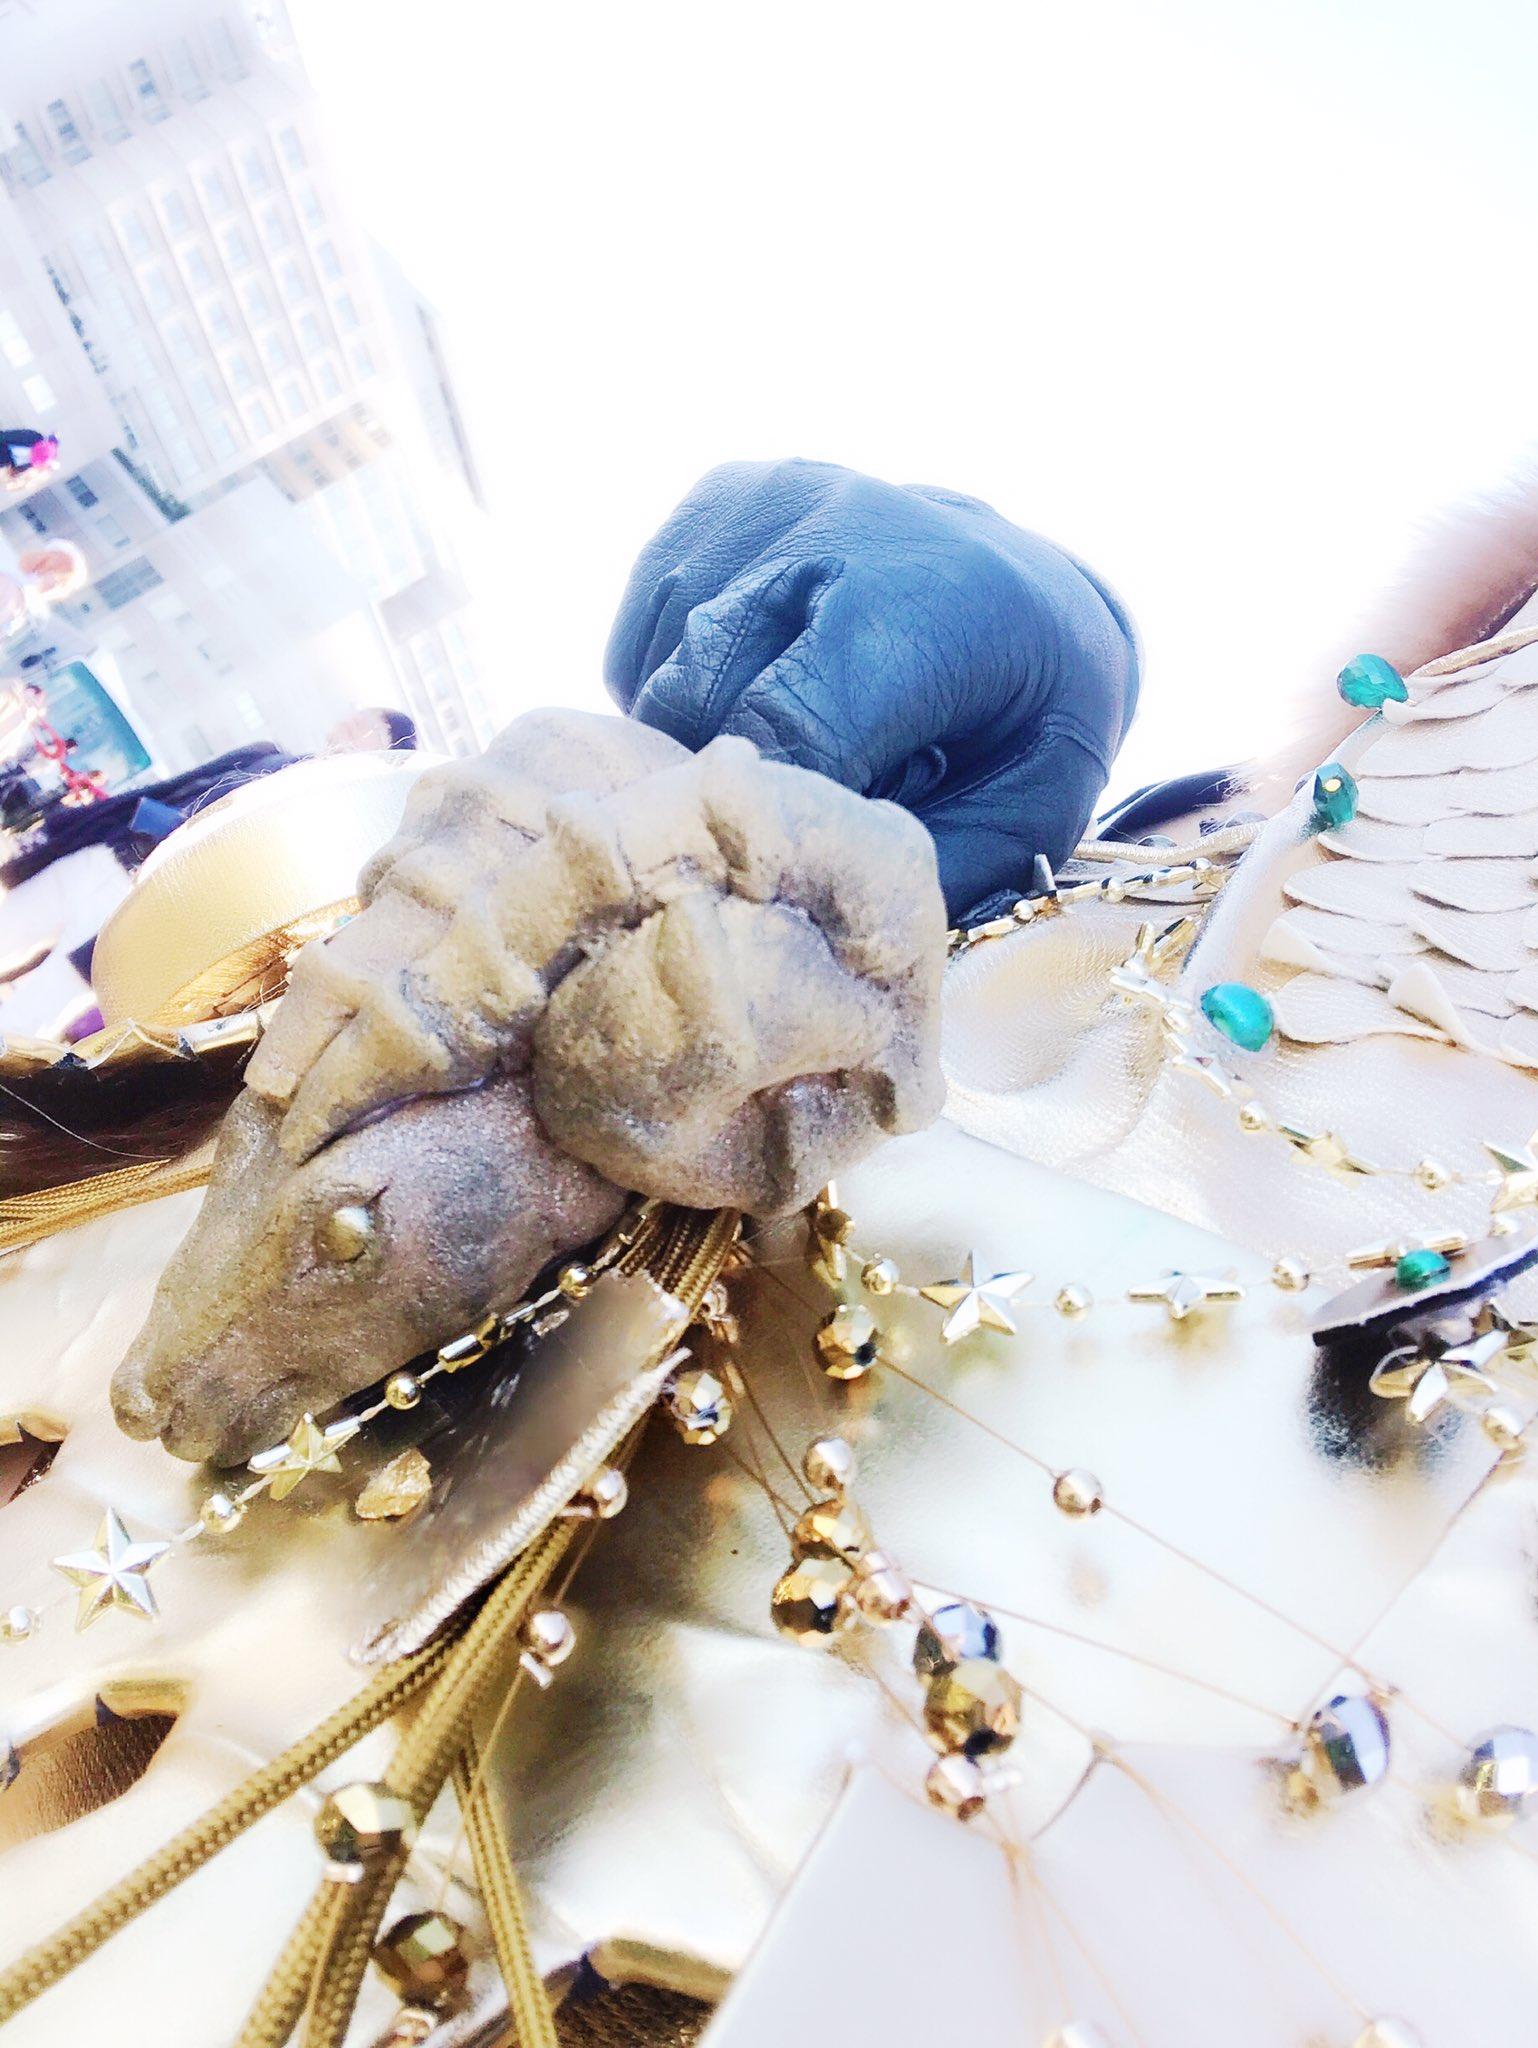 画像,平成最後のコミケに頑張った記念に全身供養 マムタロトのマムガイラ装備かわいくて大好きですモンハン楽しいMHWありがとう🙏✨(3枚目の子かわいく出来た☺️)#c9…